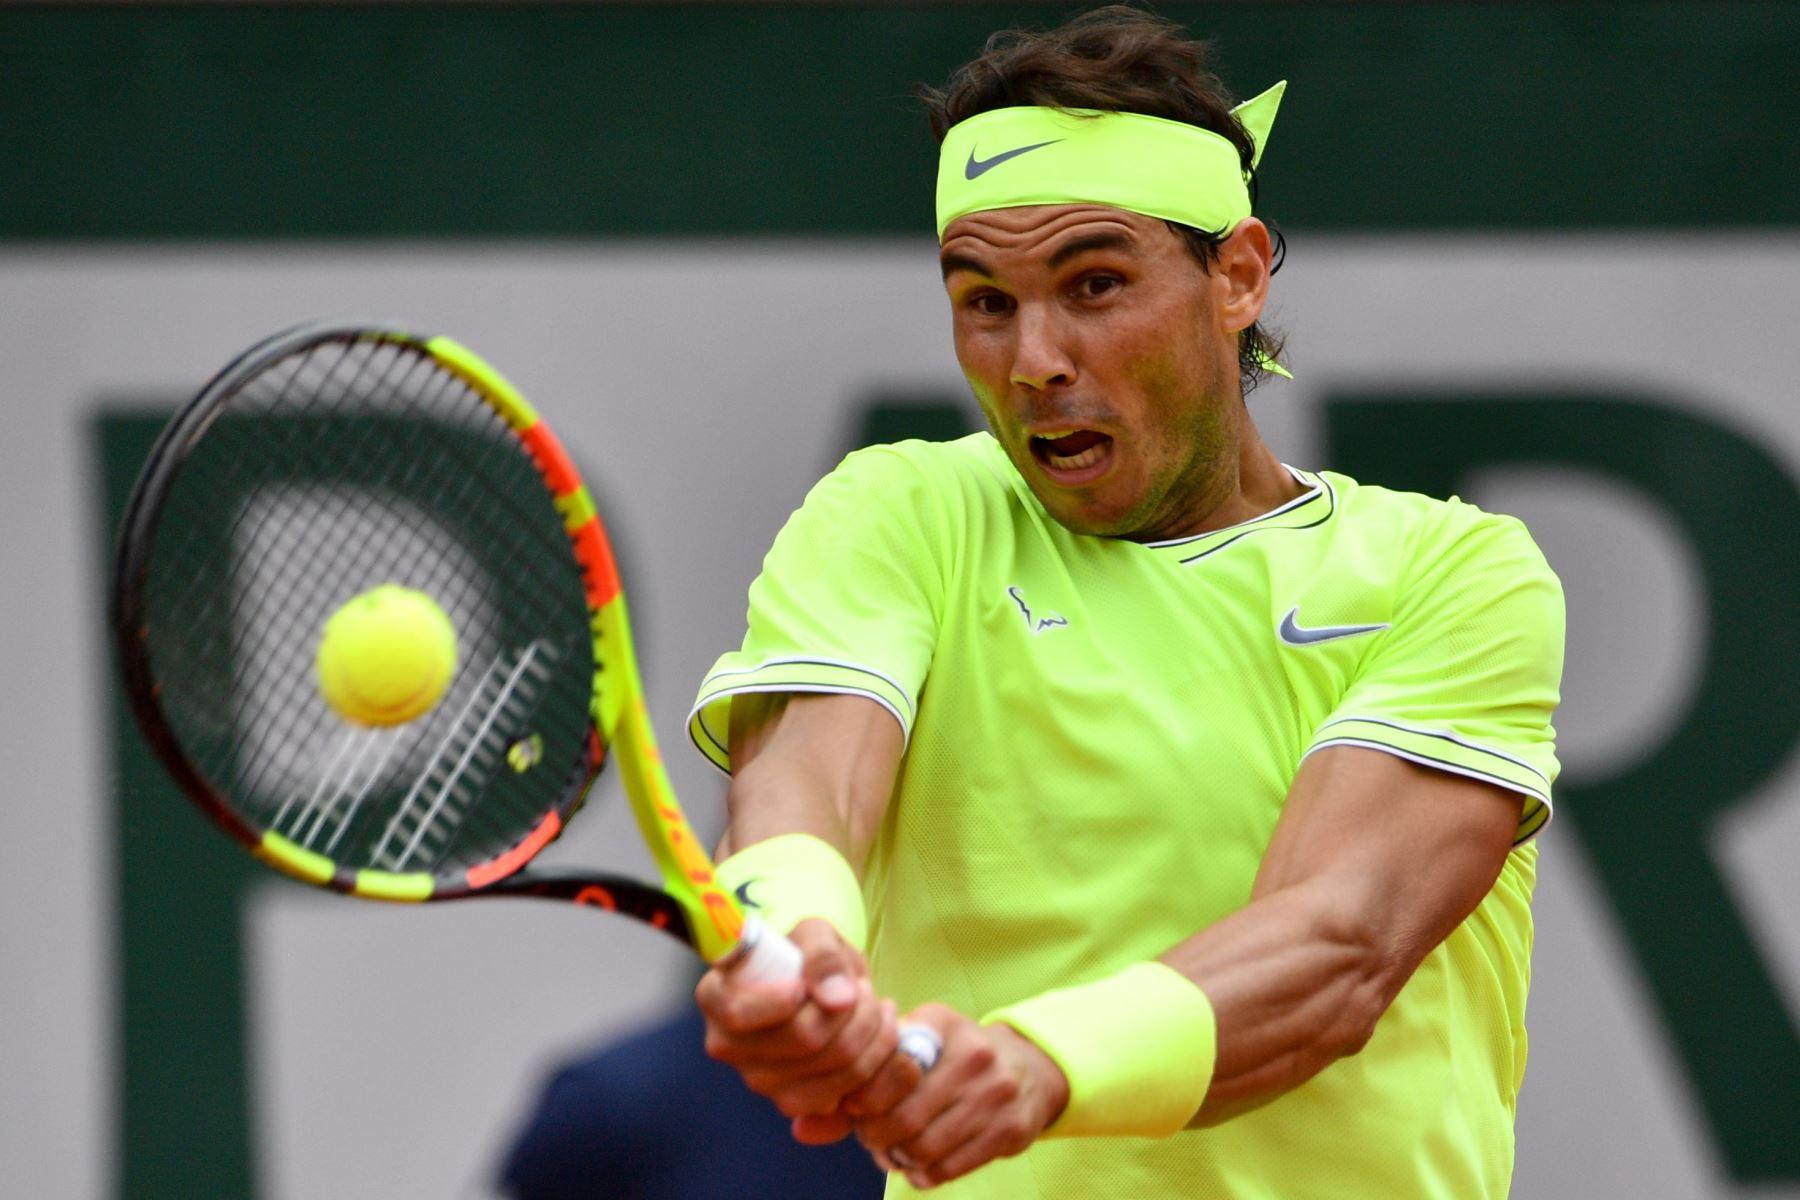 El español Rafael Nadal devuelve el balón a Austria Dominic Thiem durante el último partido de individuales masculino del torneo de tenis Roland Garros 2019. Foto:AFP